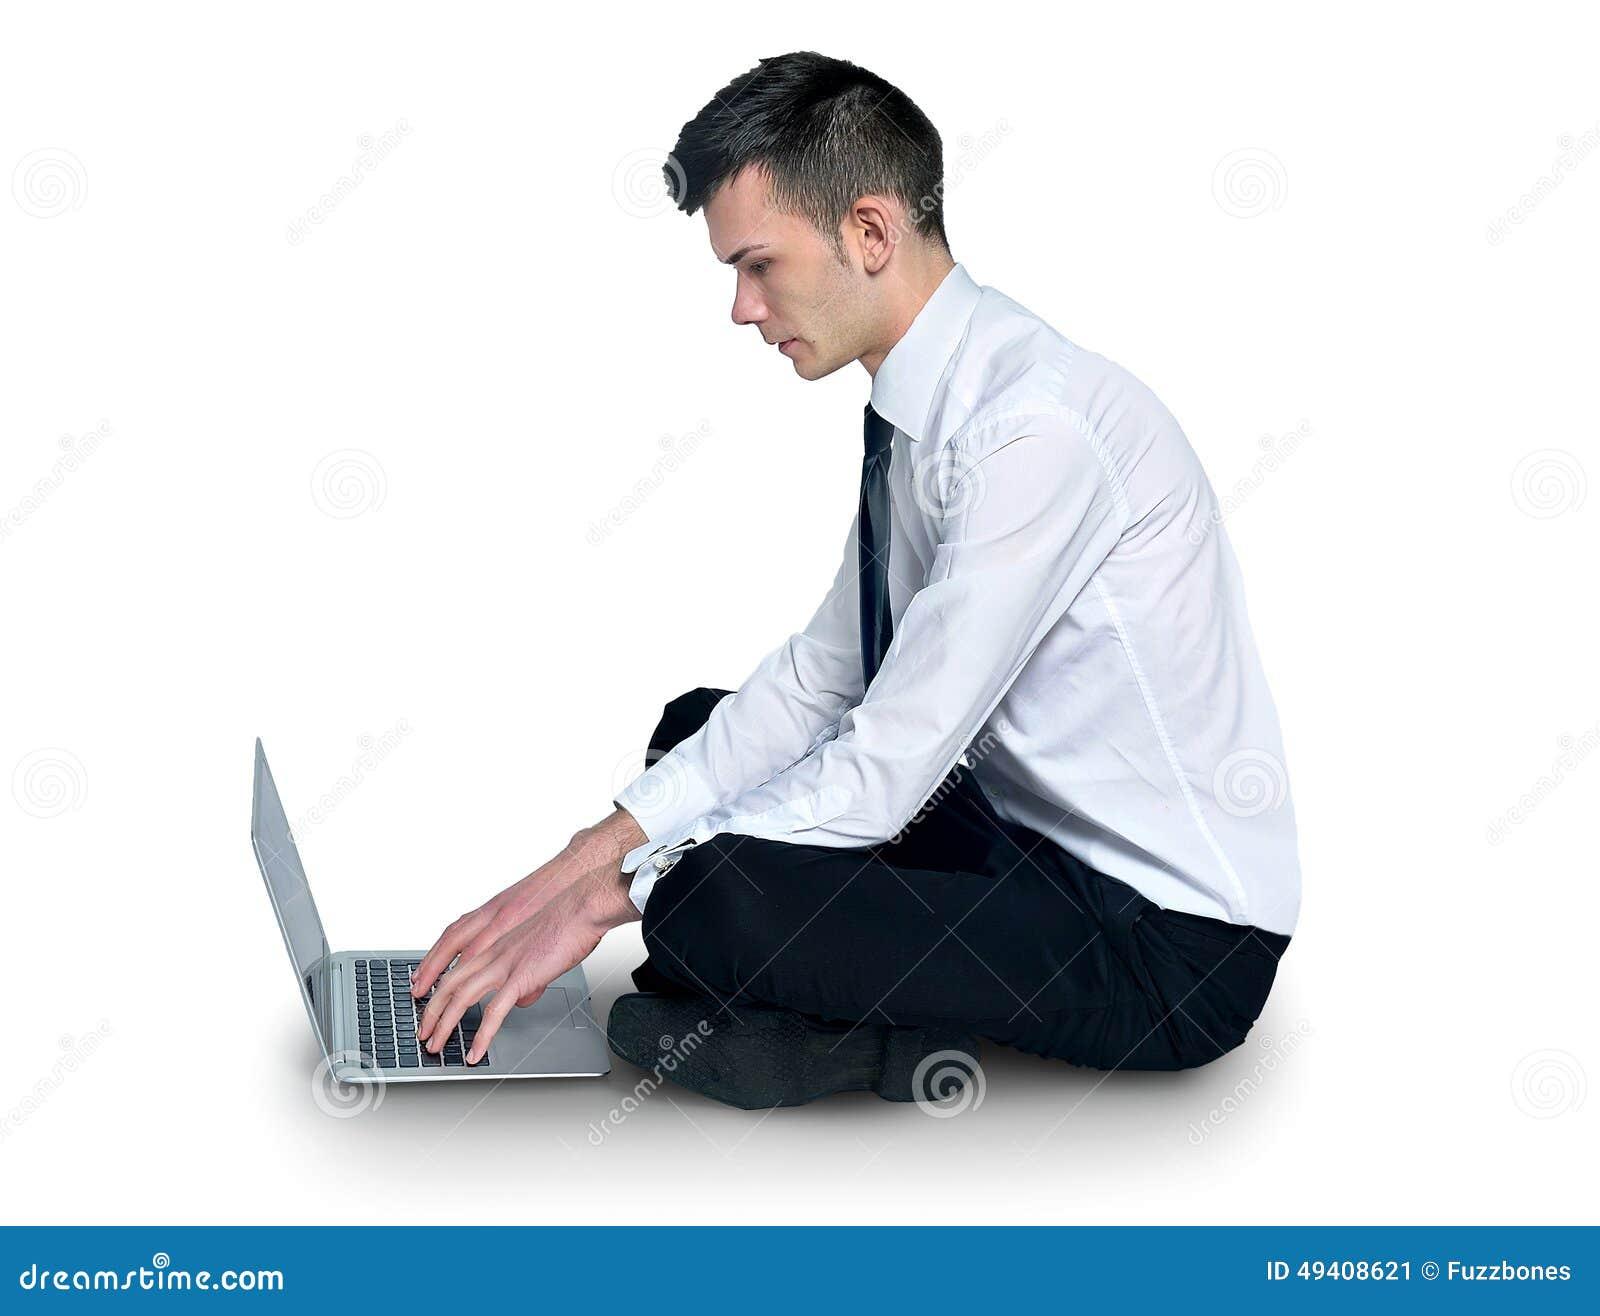 Download Mann, der Laptop verwendet stockbild. Bild von hintergrund - 49408621